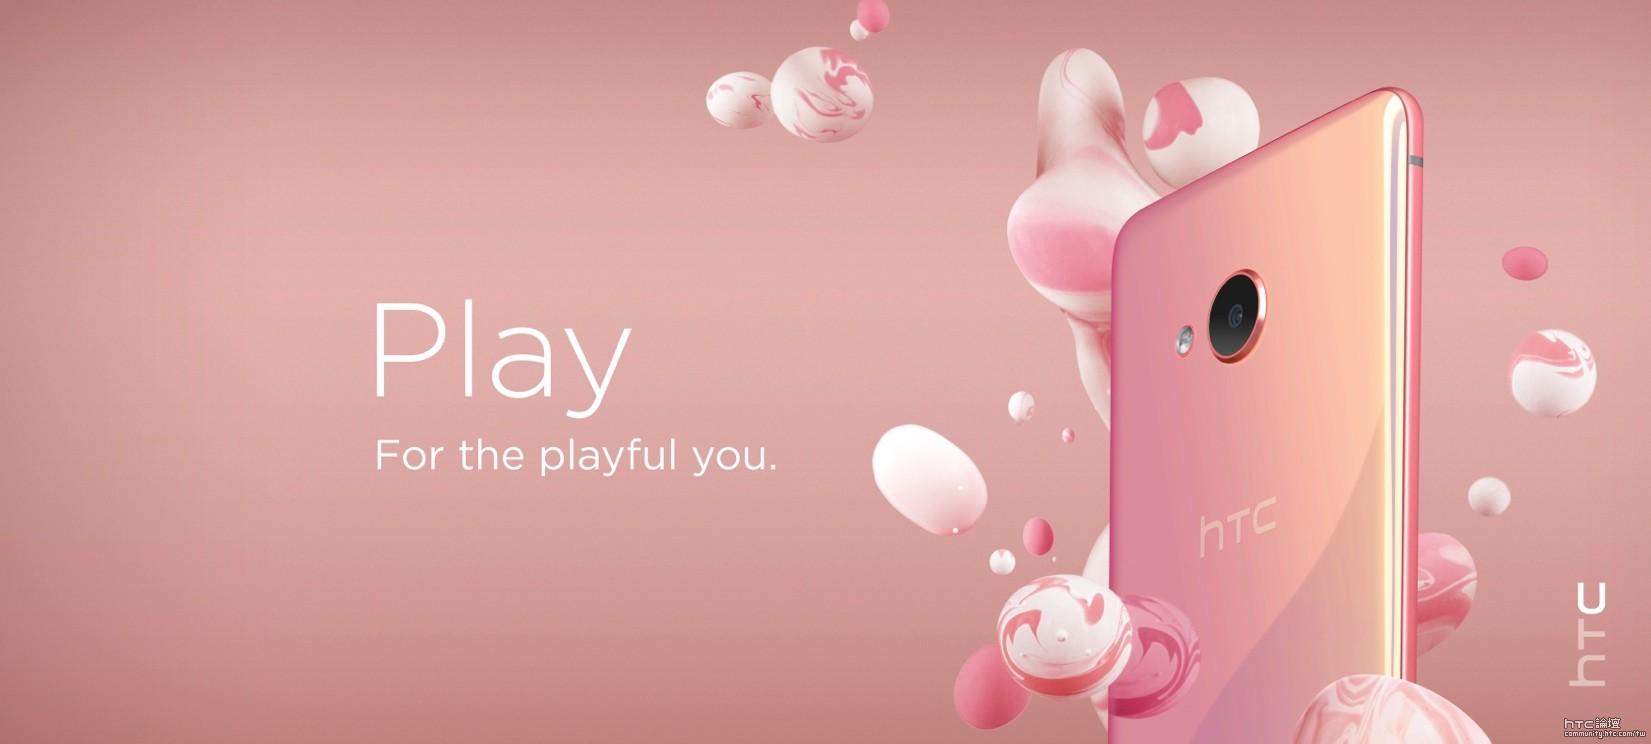 HTC U Play price